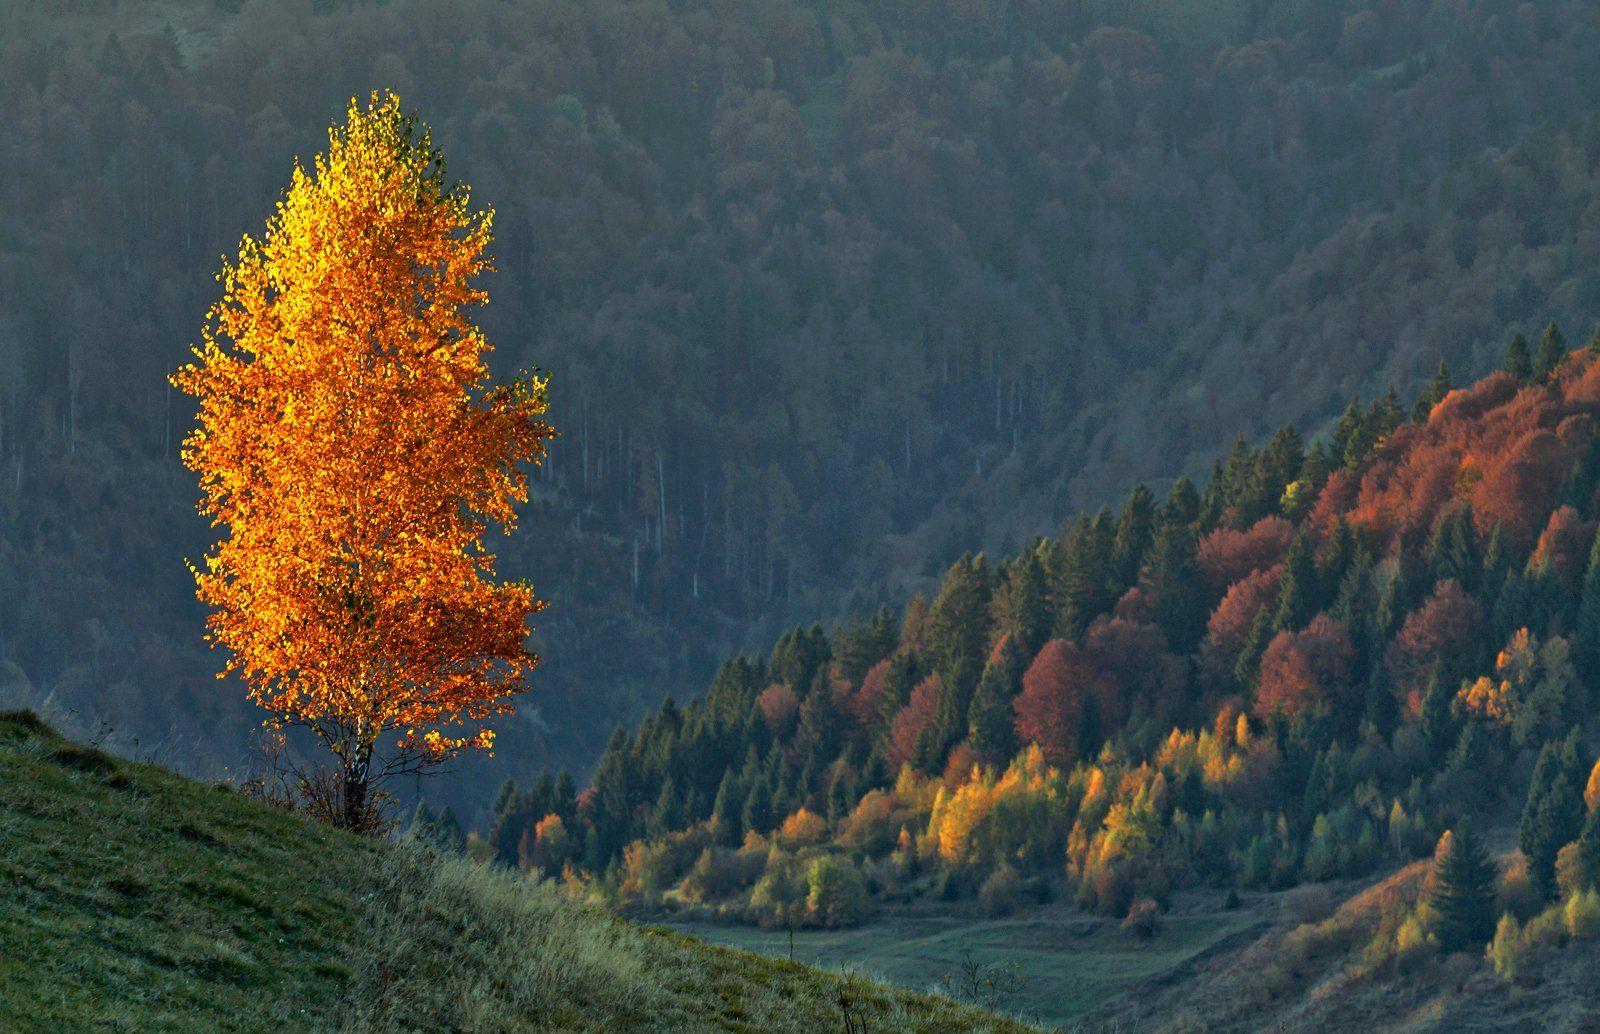 карпаты,осень, утро, горы, берёза, Михаил Глаголев